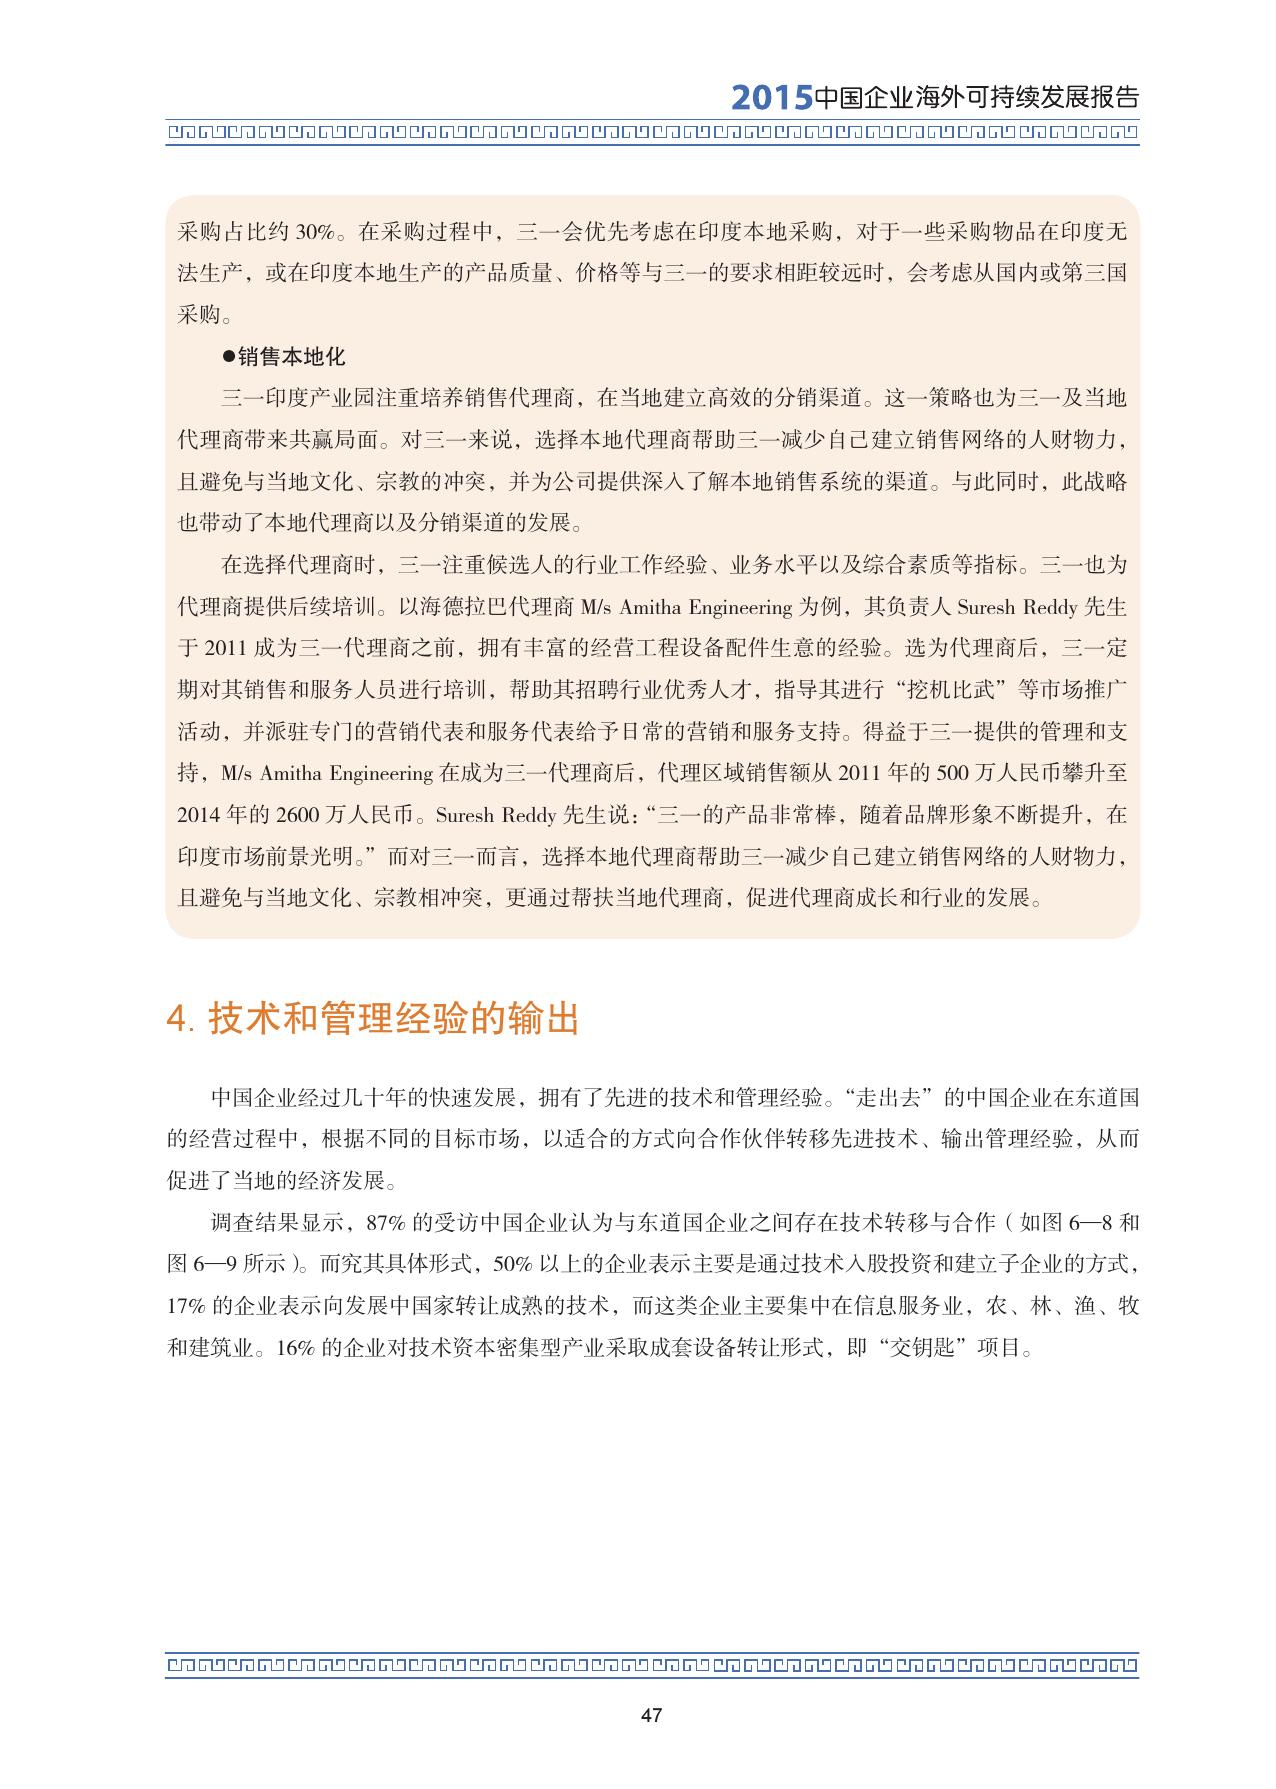 2015中国企业海外可持续发展报告_000061